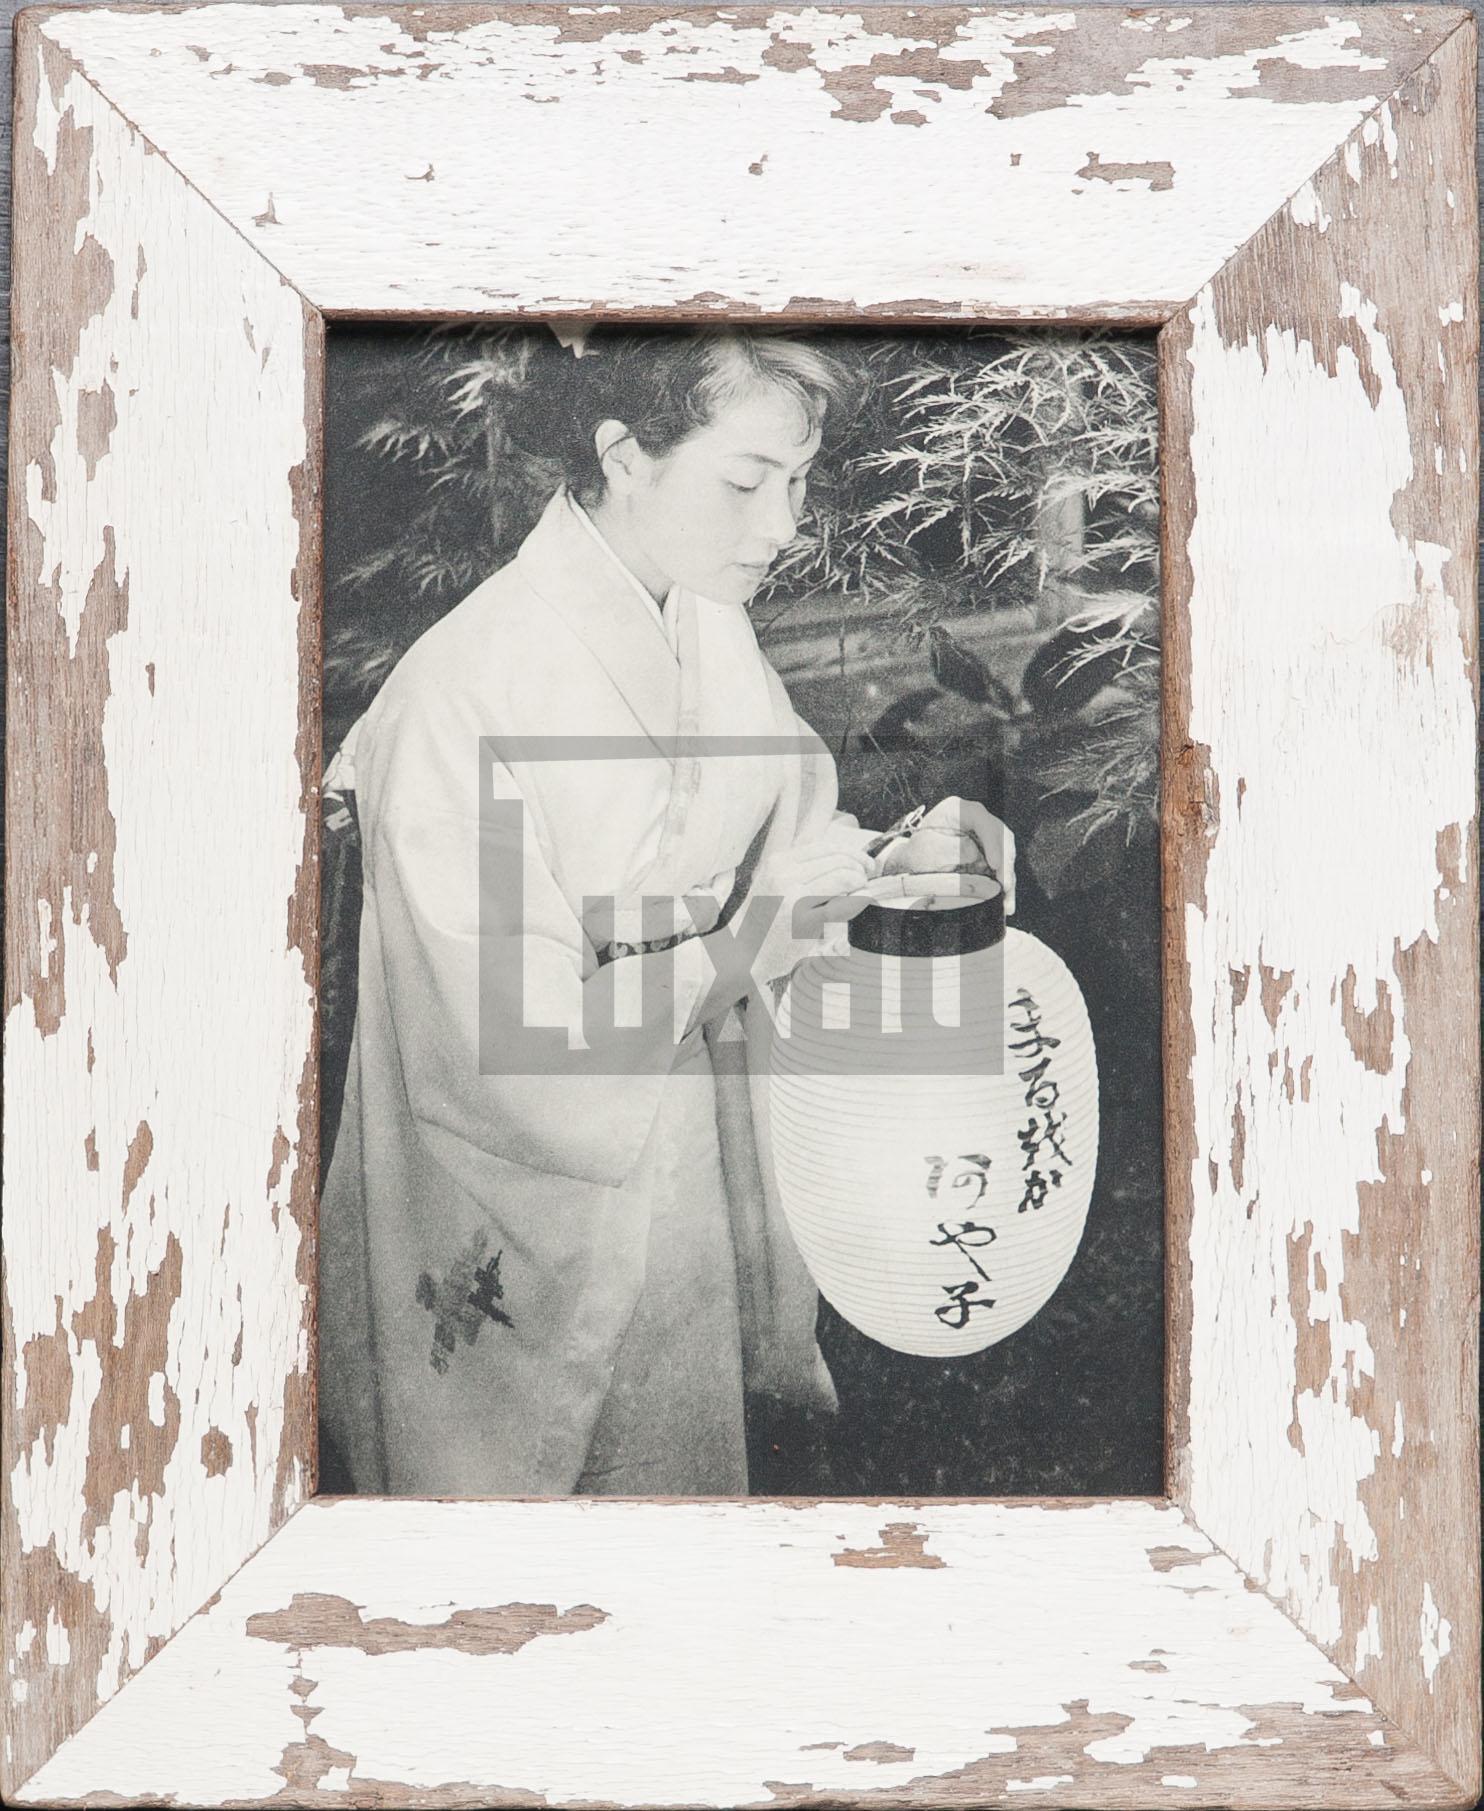 Vintage-Bilderrahmen aus altem Holz für 15 x 20 cm große Fotos